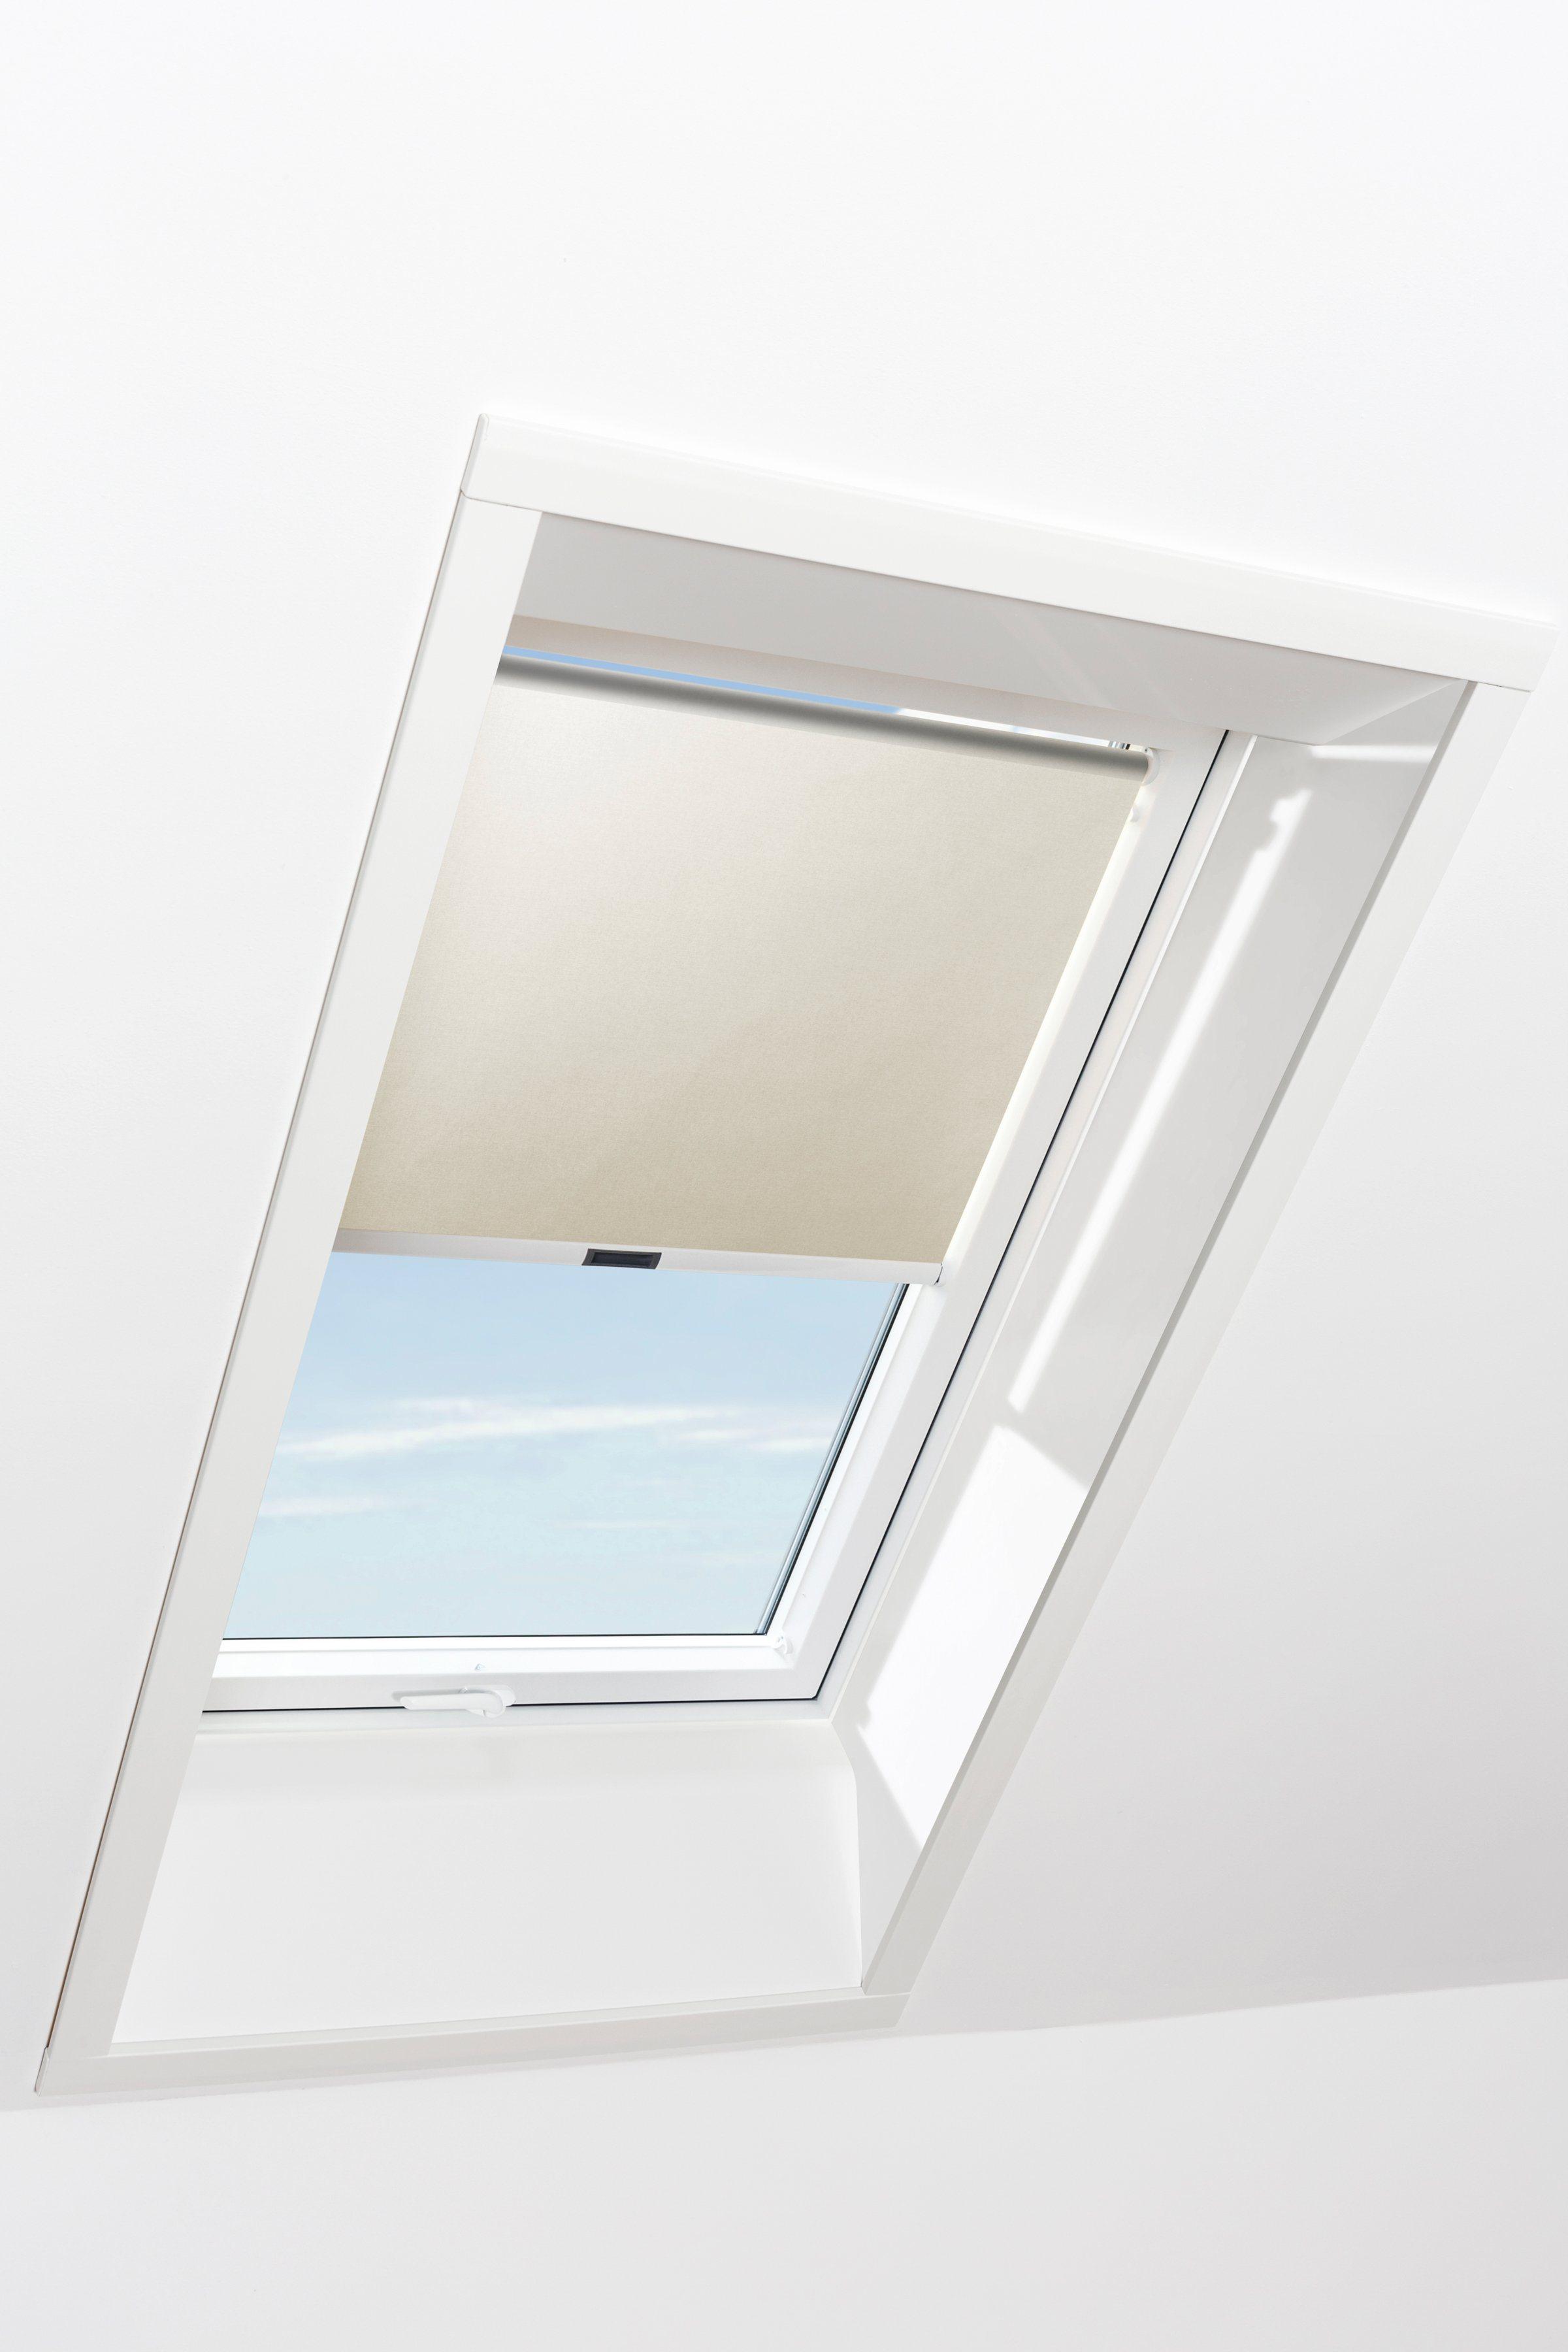 RORO Sichtschutzrollo »Typ SIRB57«, BxL: 54x78 cm, beige | Garten > Zäune und Sichtschutz | RORO